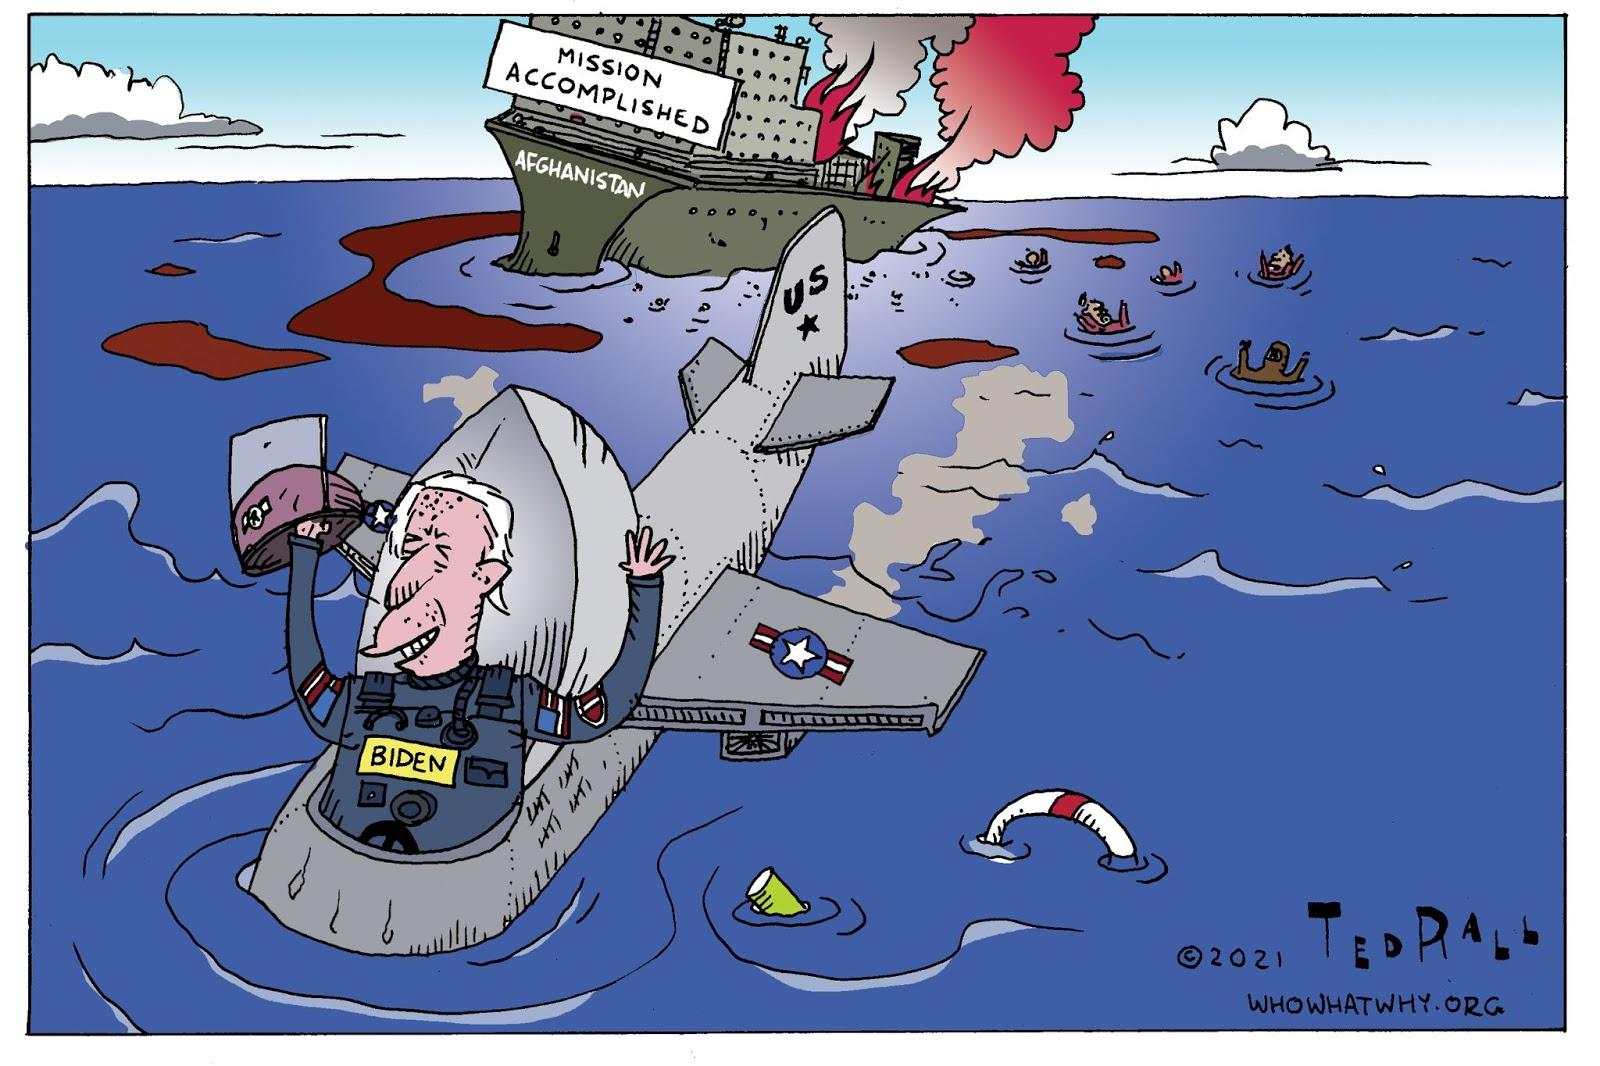 Joe Biden, Afghanistan, Mission Accomplished